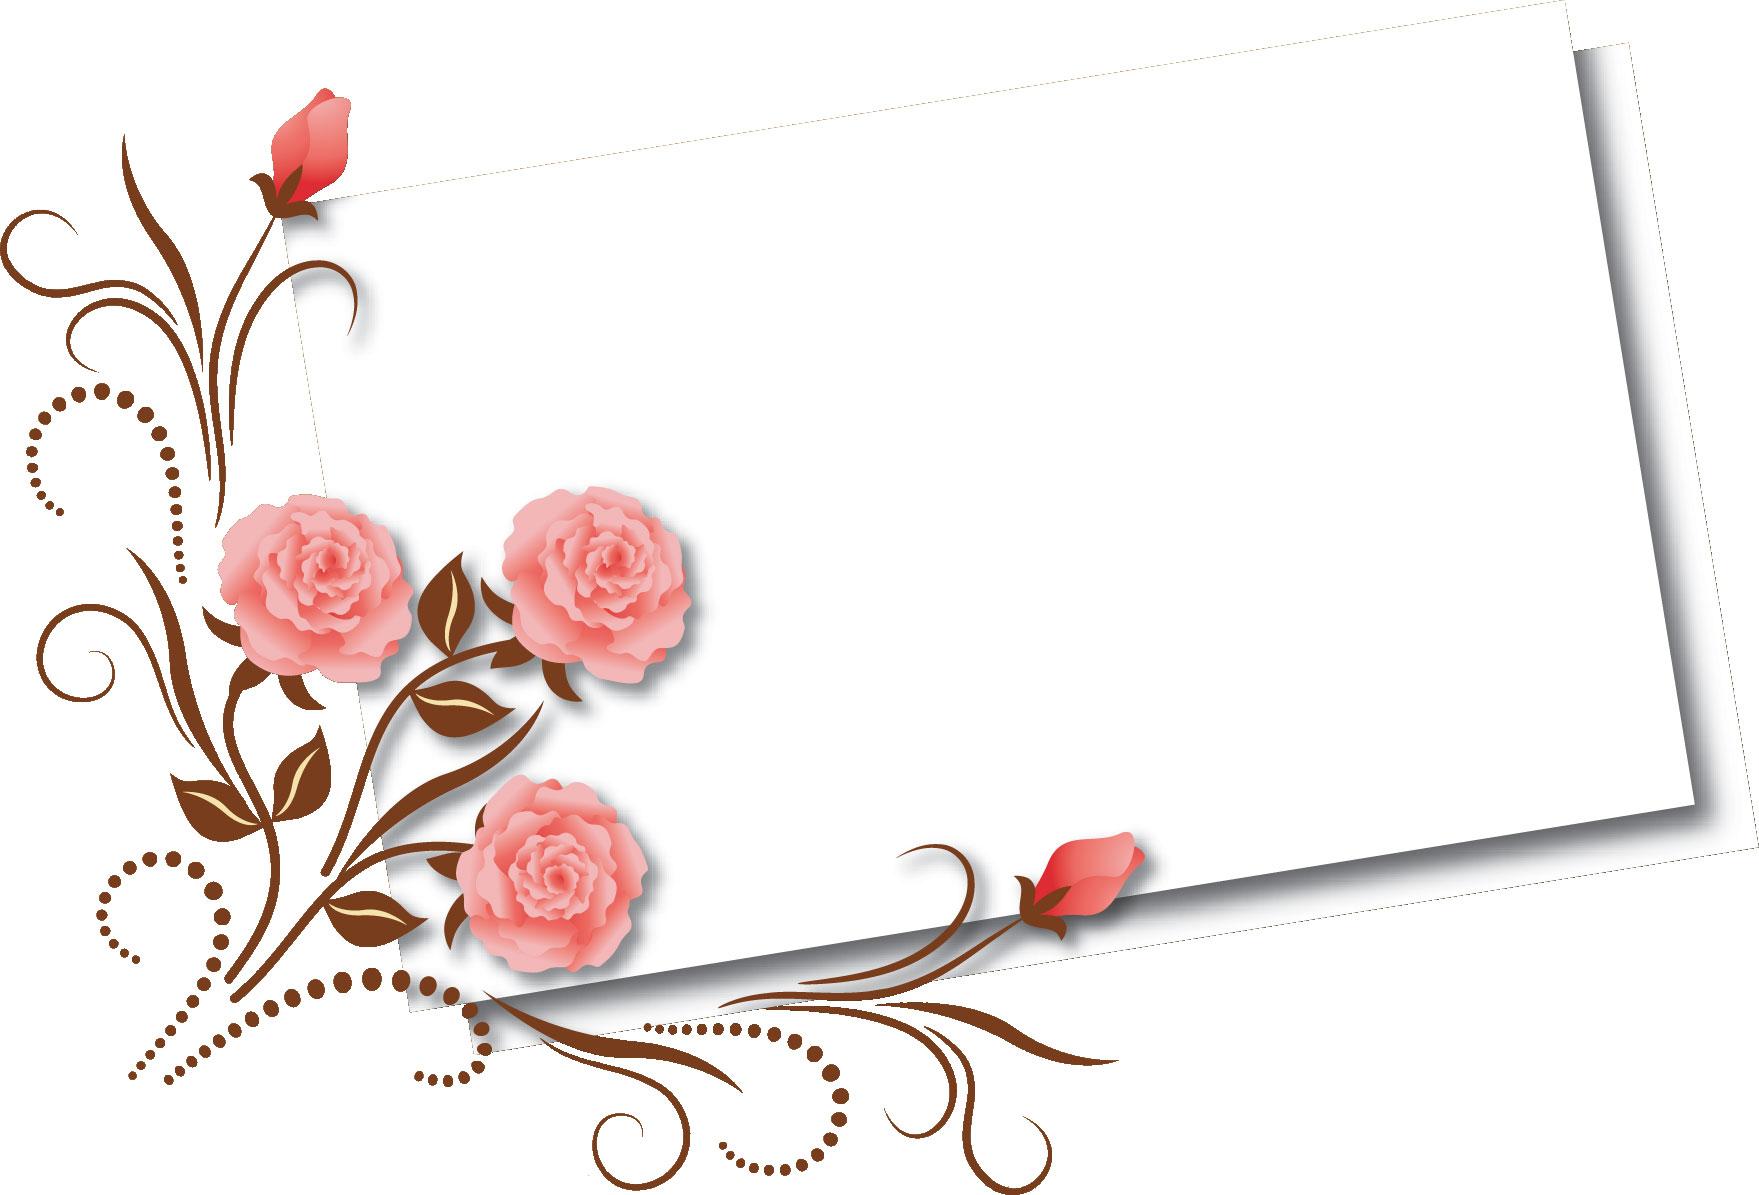 花のイラスト・フリー素材 ... : カード 素材 フリー : カード